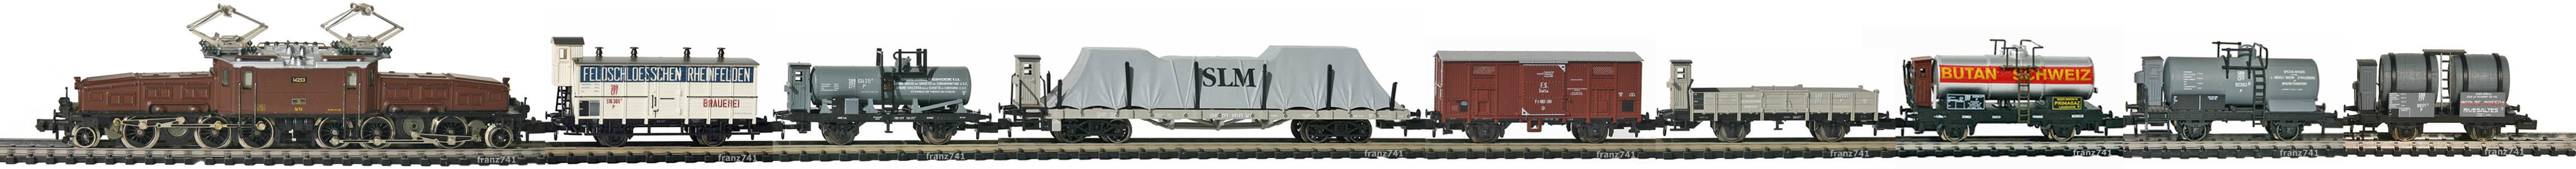 Epoche-II-SBB-Gotthard-Gueterzug_Ce-6-8-II-Elok-Gueterwagen-Typ-M3-M9